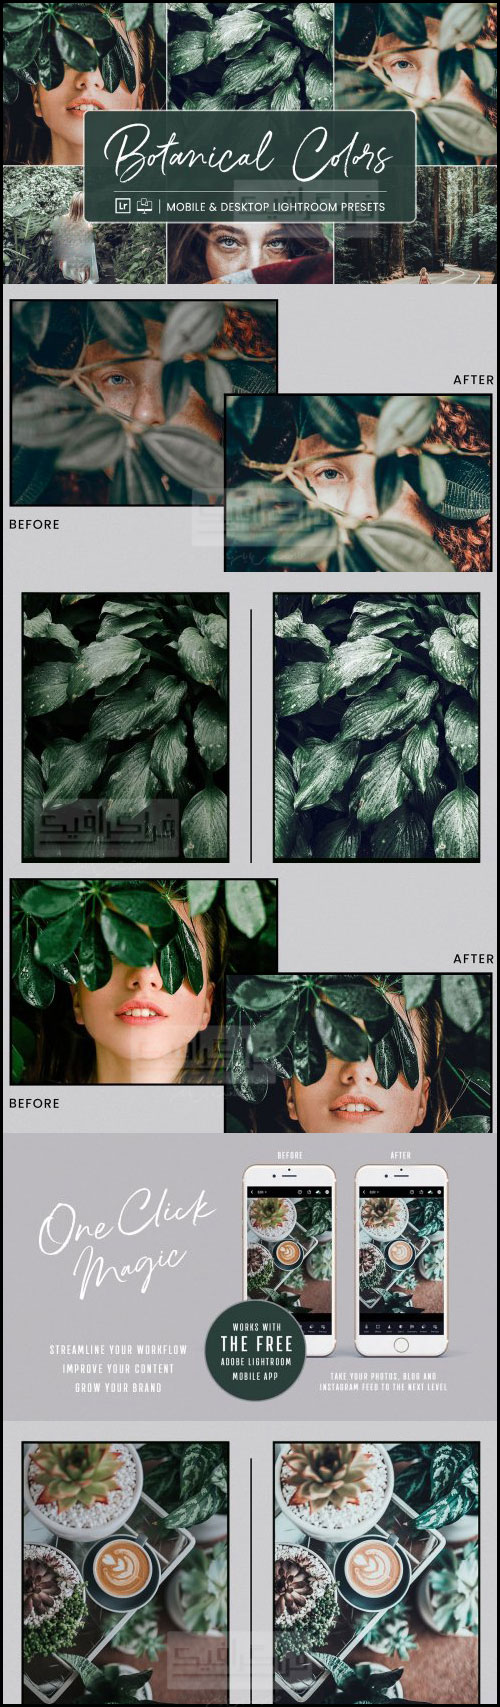 دانلود افکت های لایت روم تصاویر طبیعت - شماره 6